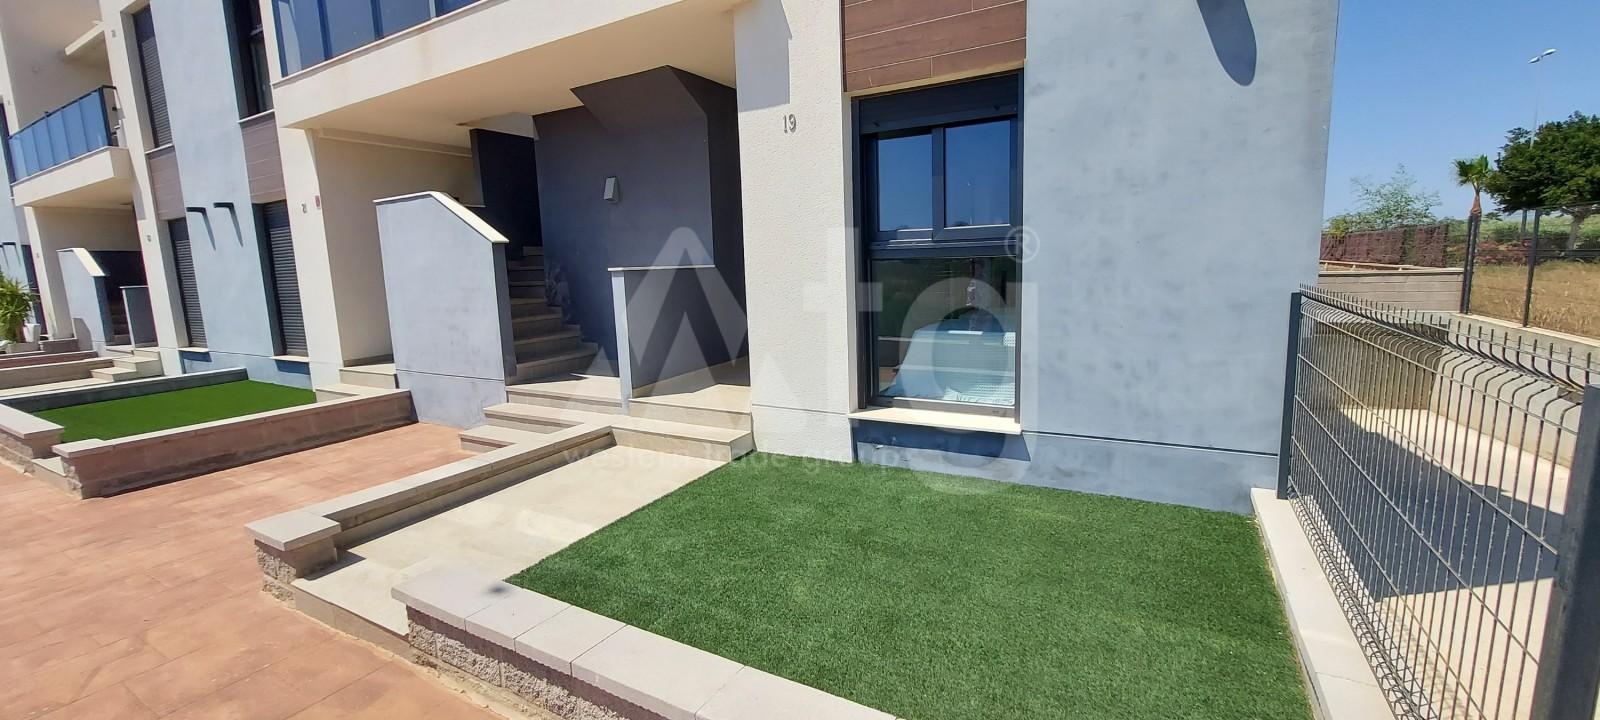 Apartament w Guardamar del Segura, 2 sypialnie  - DI6350 - 3